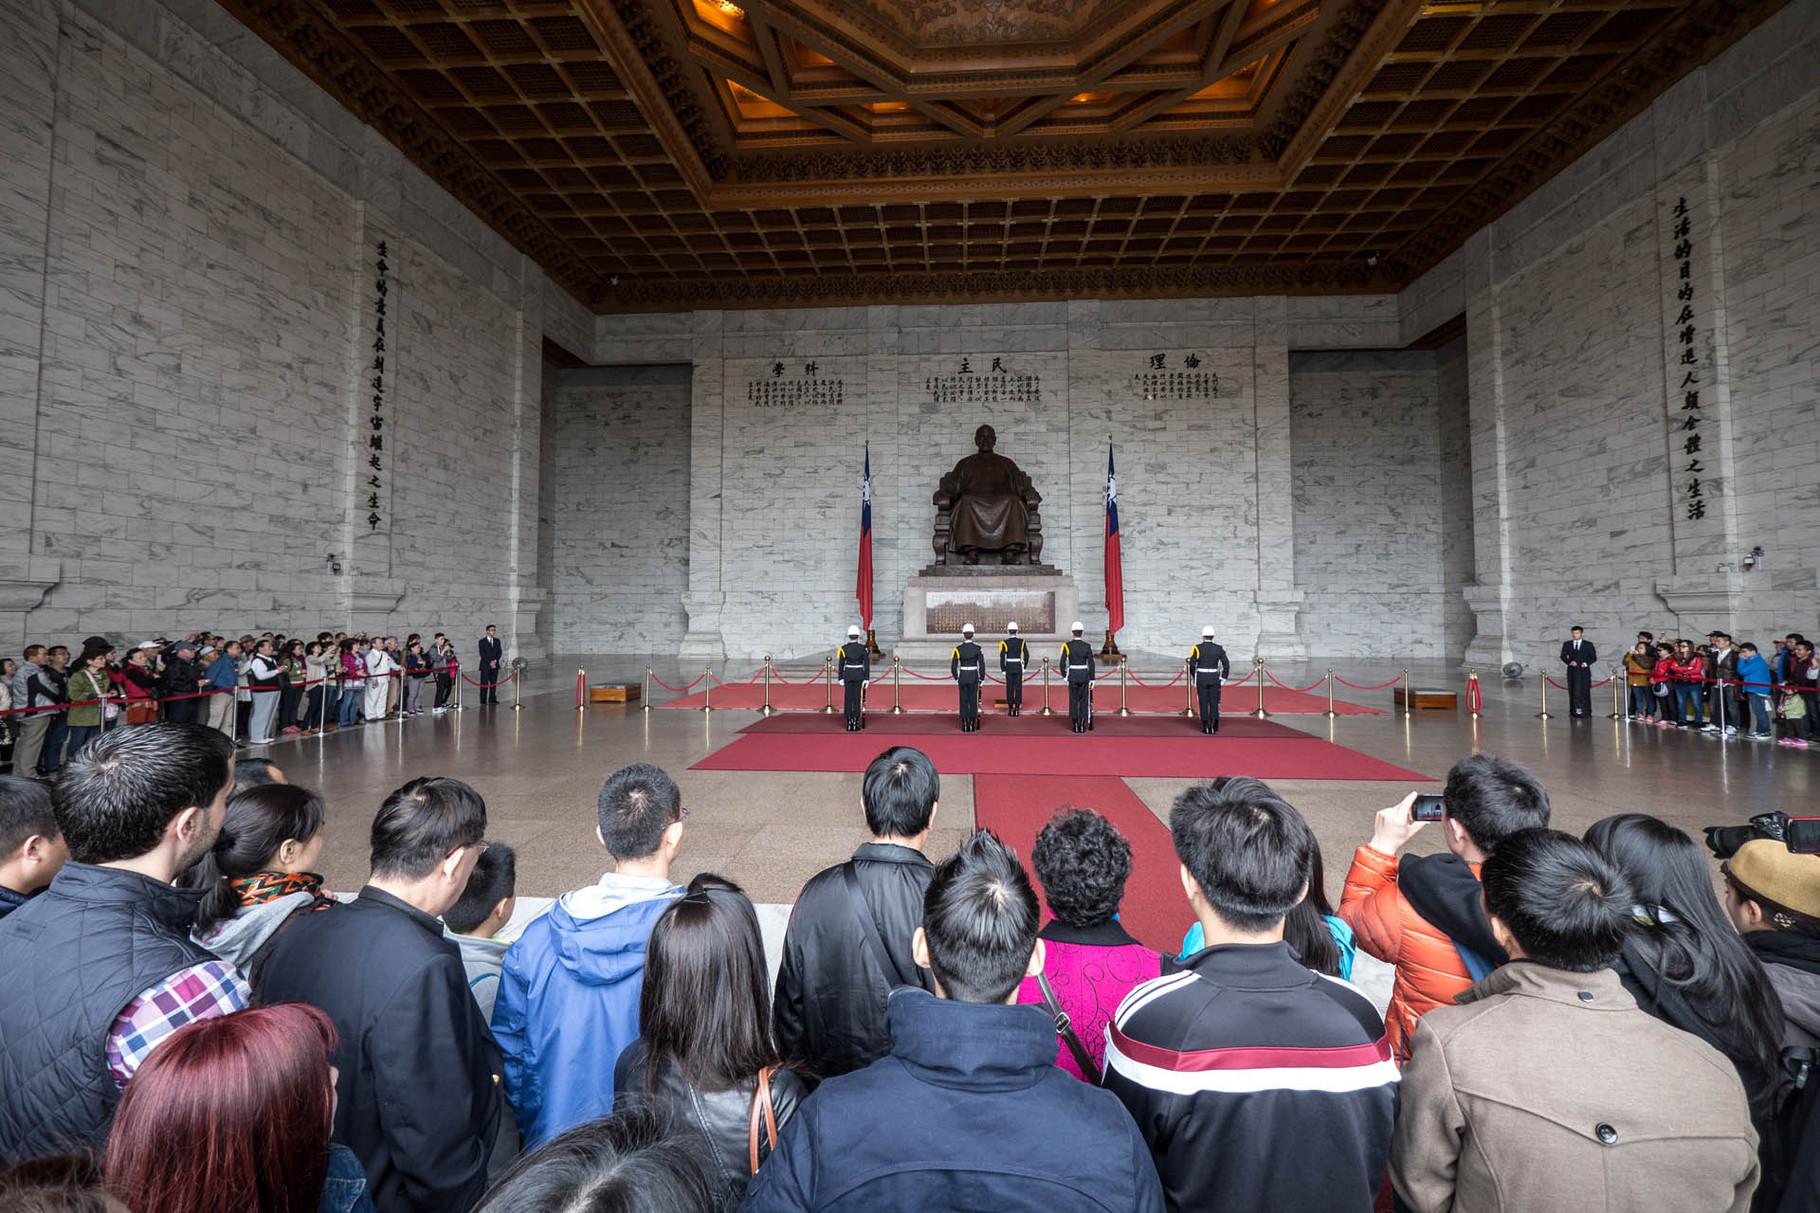 Military procession at Chiang Kai-shek Memorial Hall, Taipei